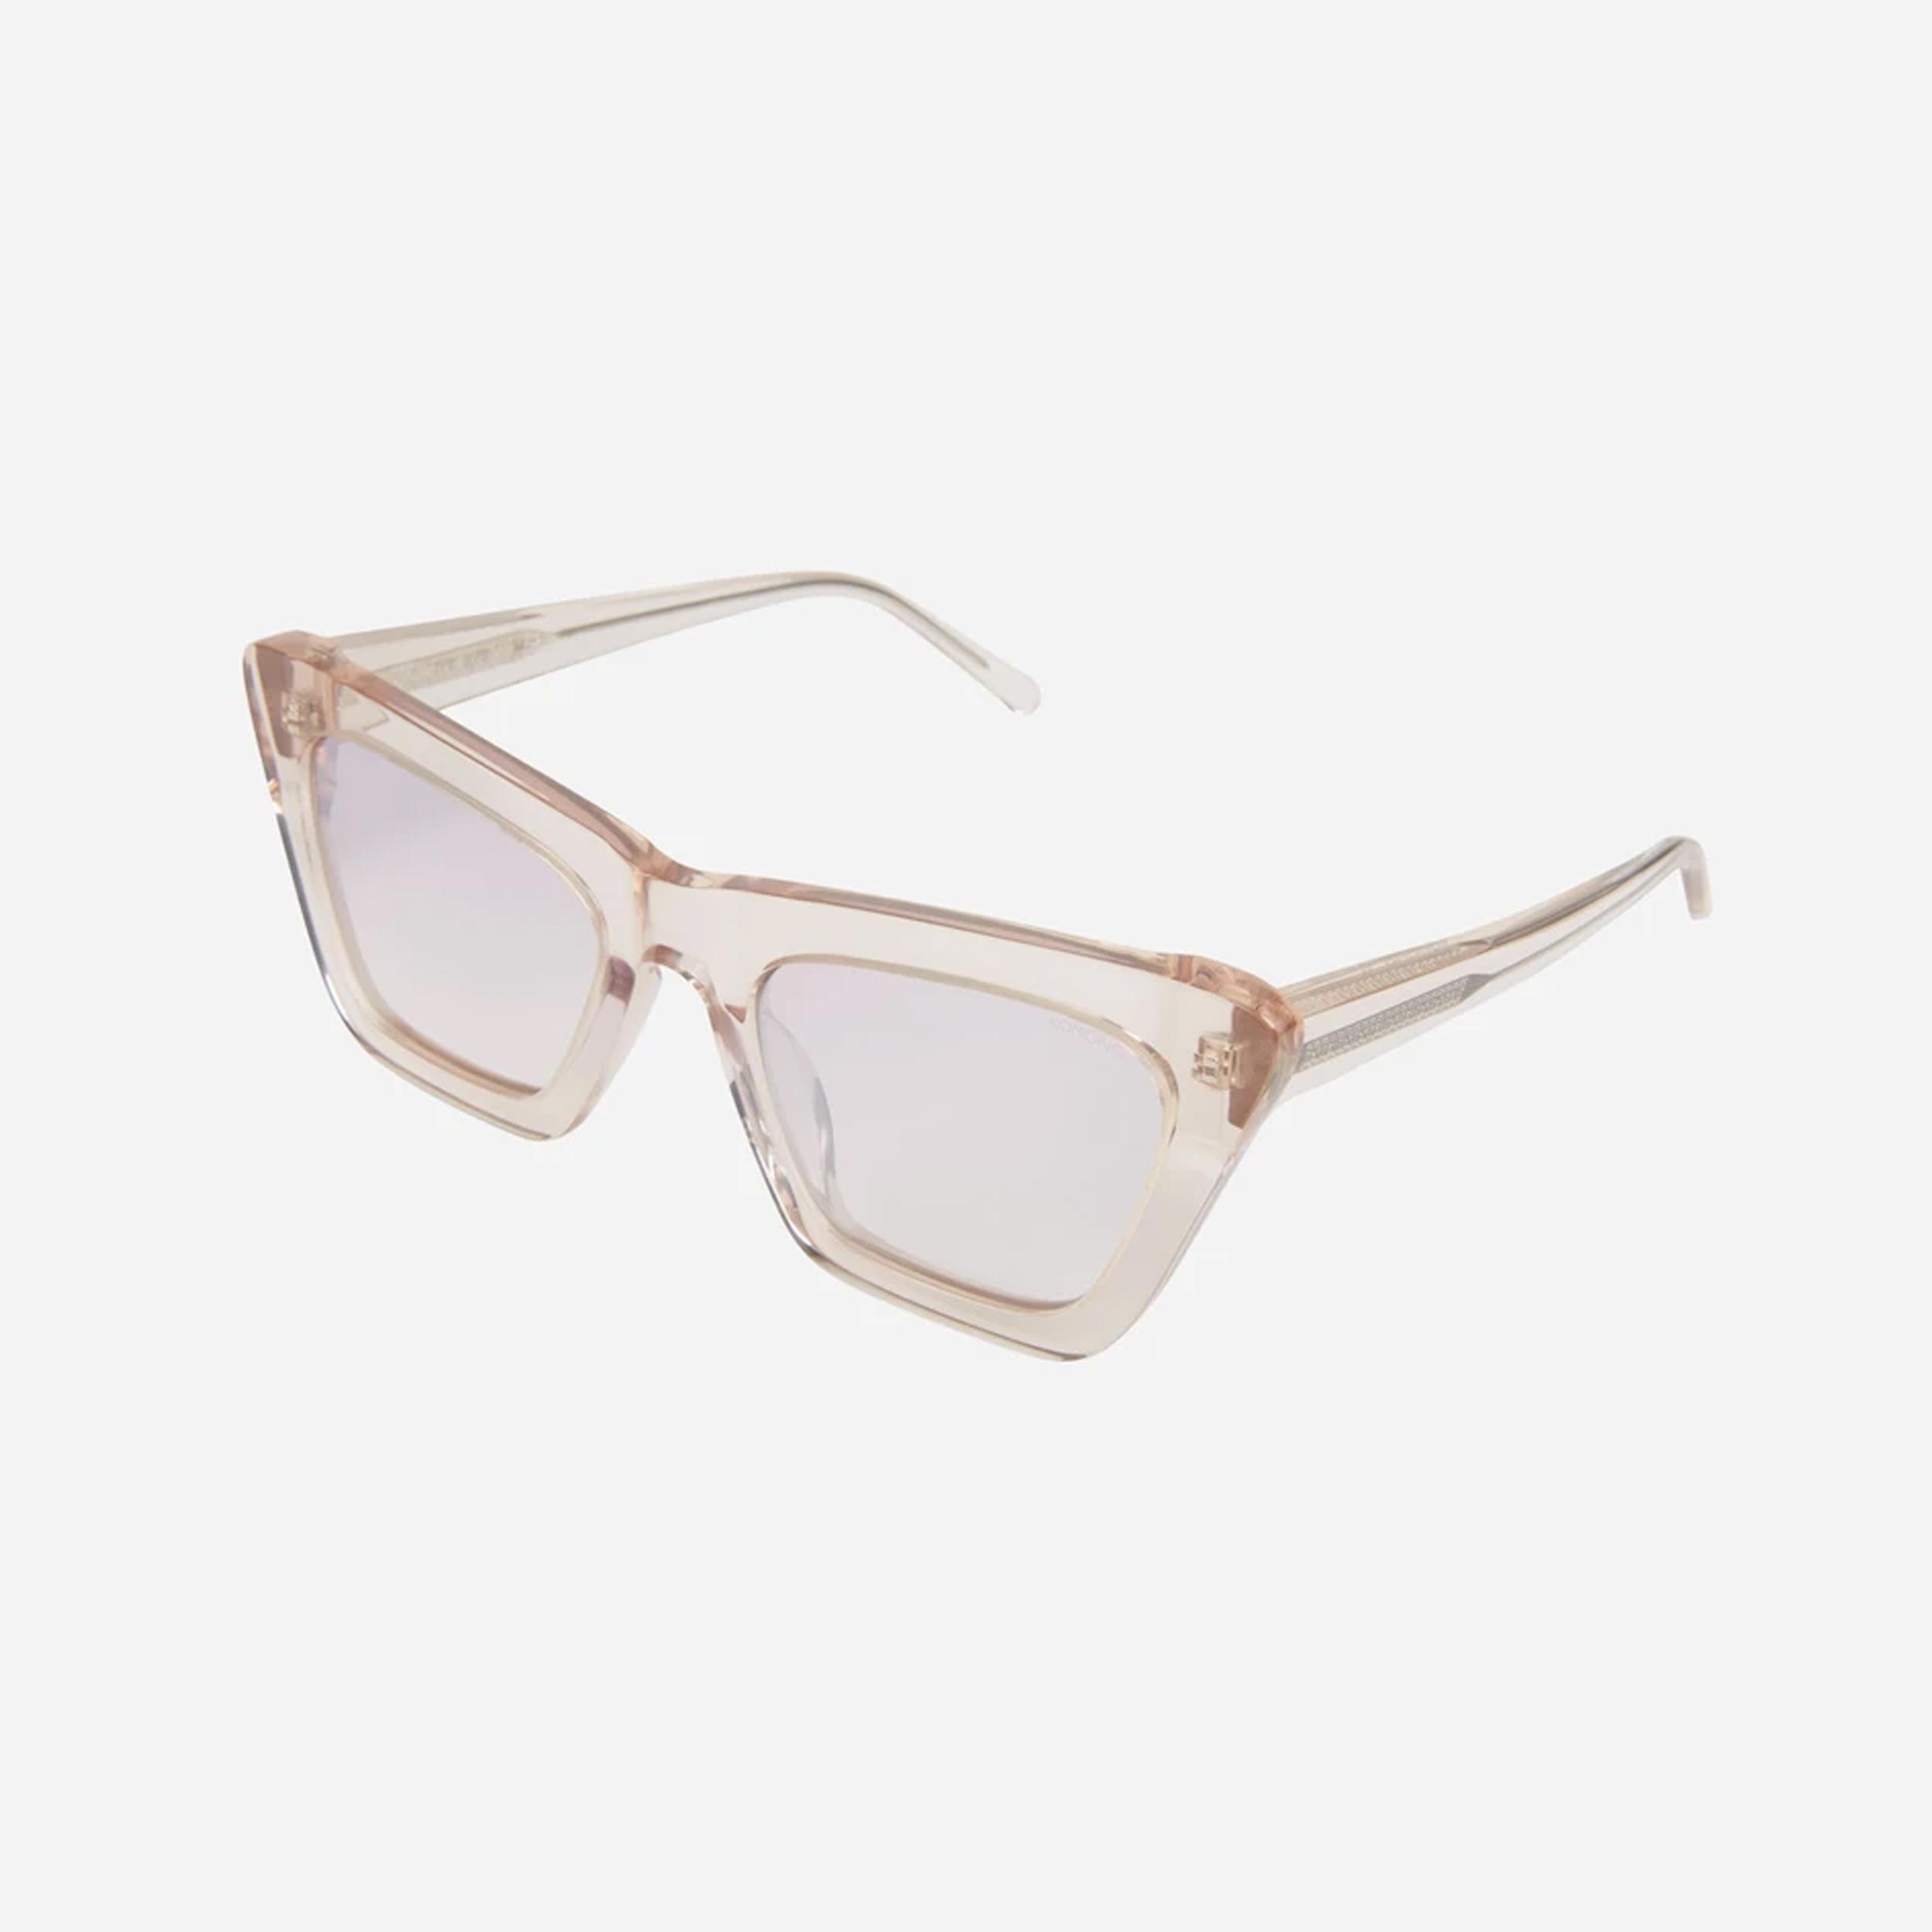 عینک آفتابی زنانه کومونو سری Jessie Nude مدل KOM-S4952